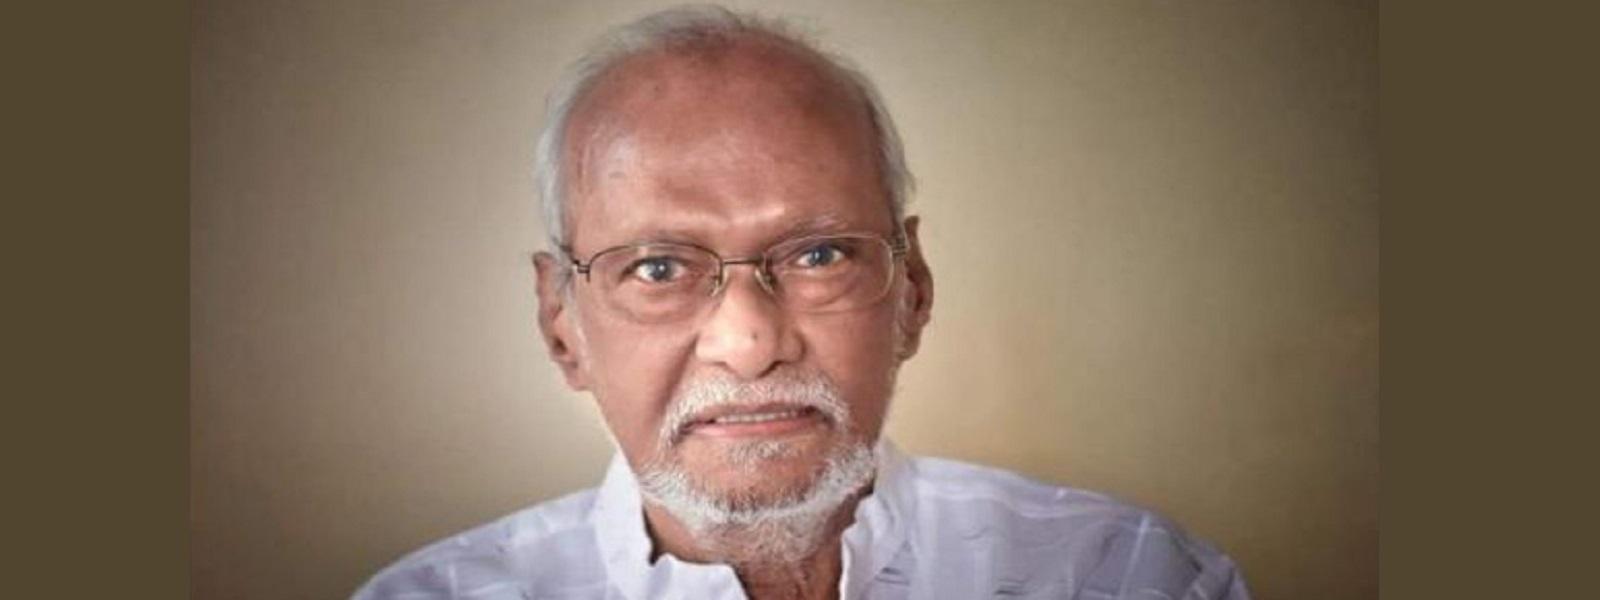 பல வெற்றிப் படங்களை இயக்கிய ஜி.என்.ரங்கராஜன் காலமானார்